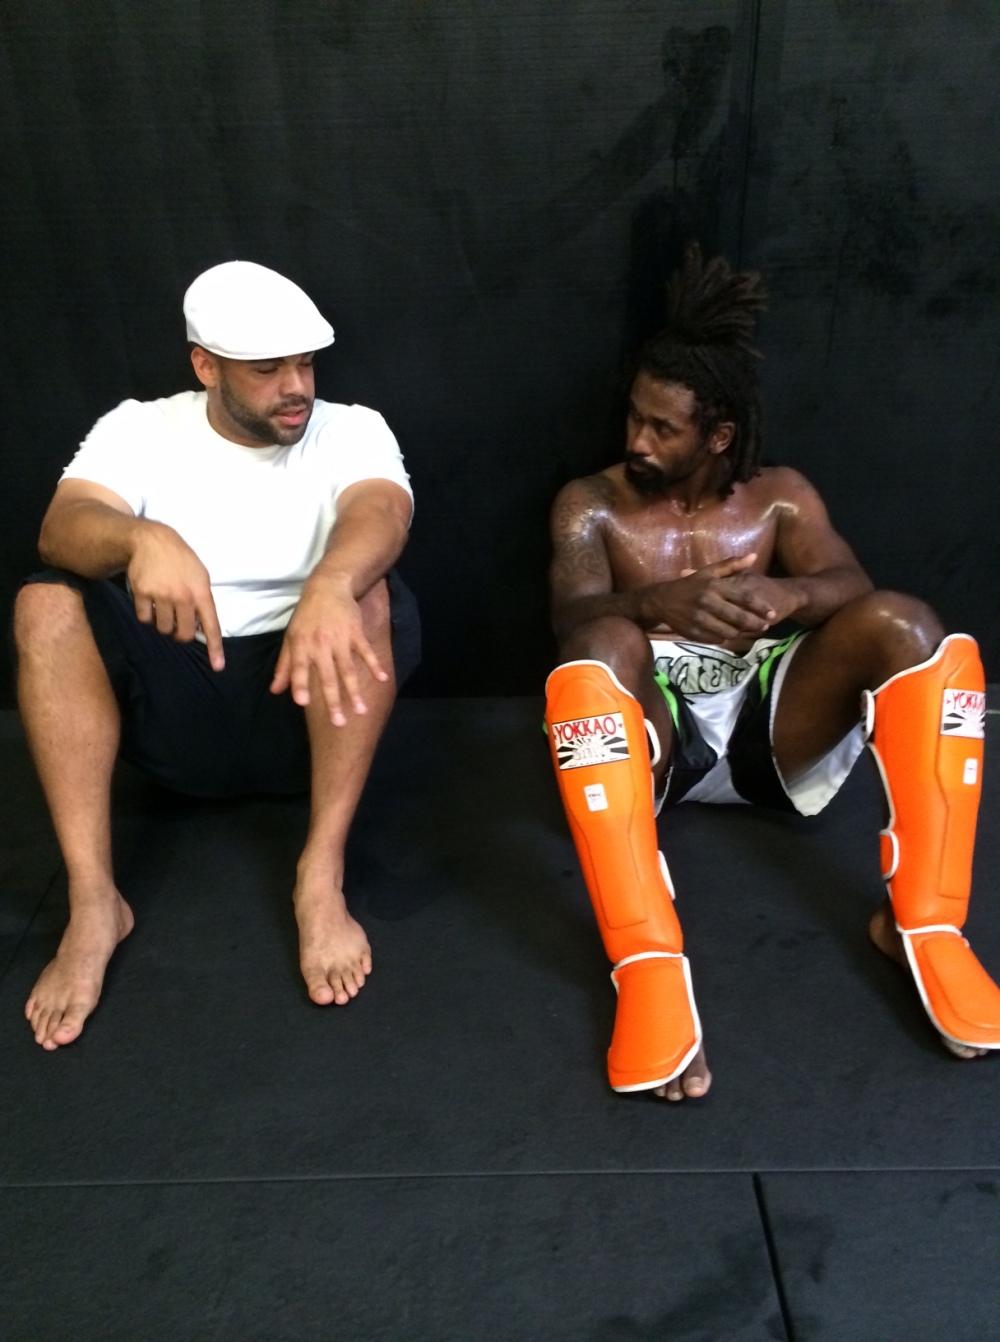 Adam Heard and Alex Higley during a break in training